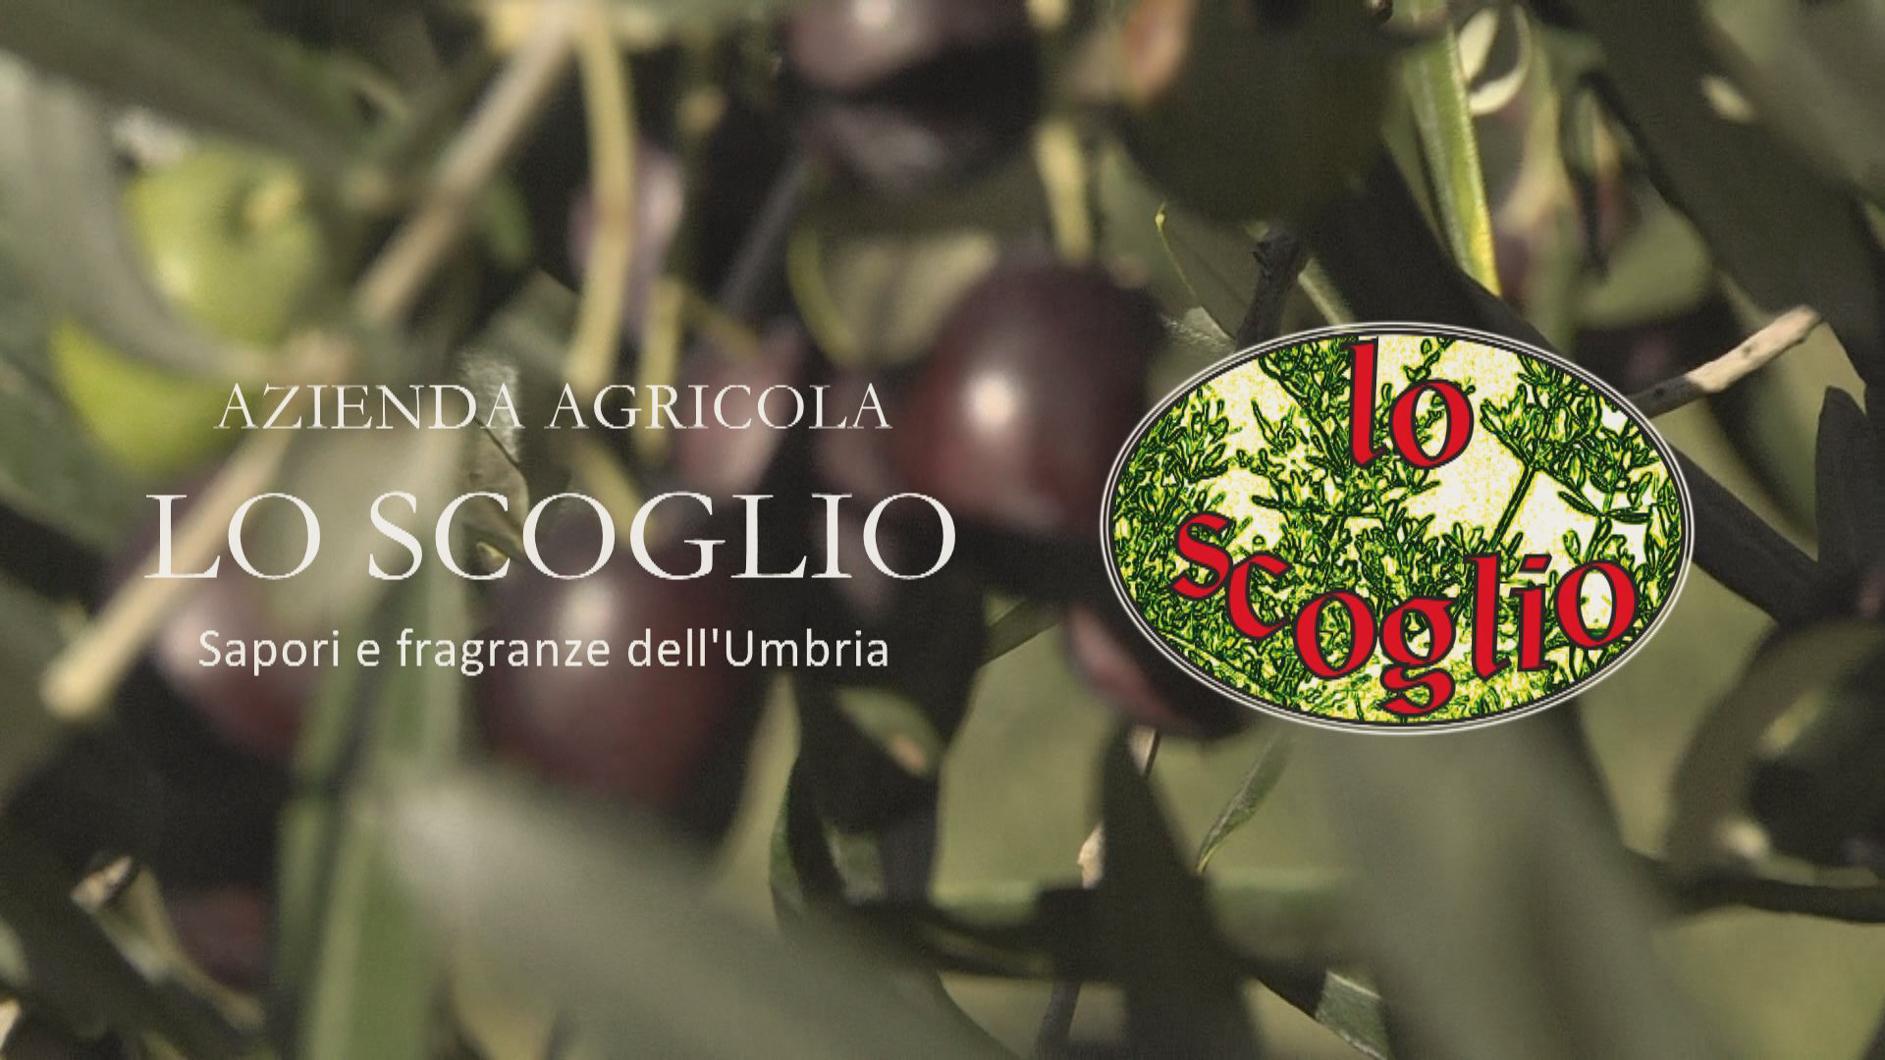 Azienda Agricola - Olio lo Scoglio